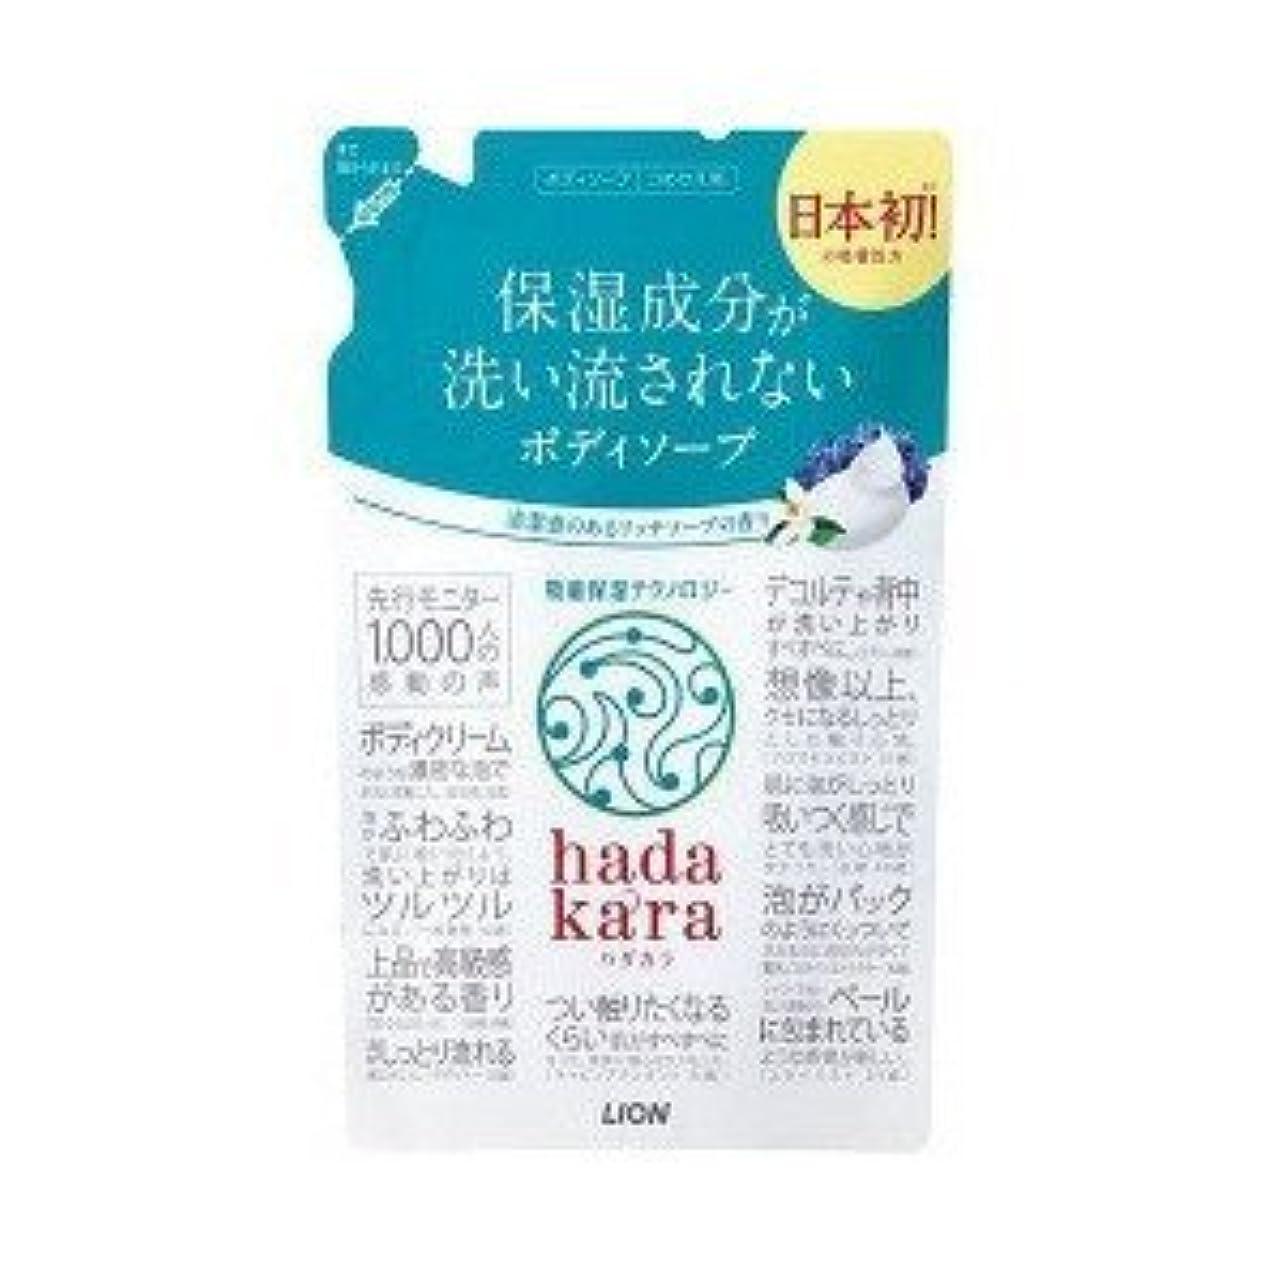 適合しました中牽引(2016年秋の新商品)(ライオン)hadakara(ハダカラ) ボディソープ リッチソープの香り つめかえ用 360ml(お買い得3個セット)